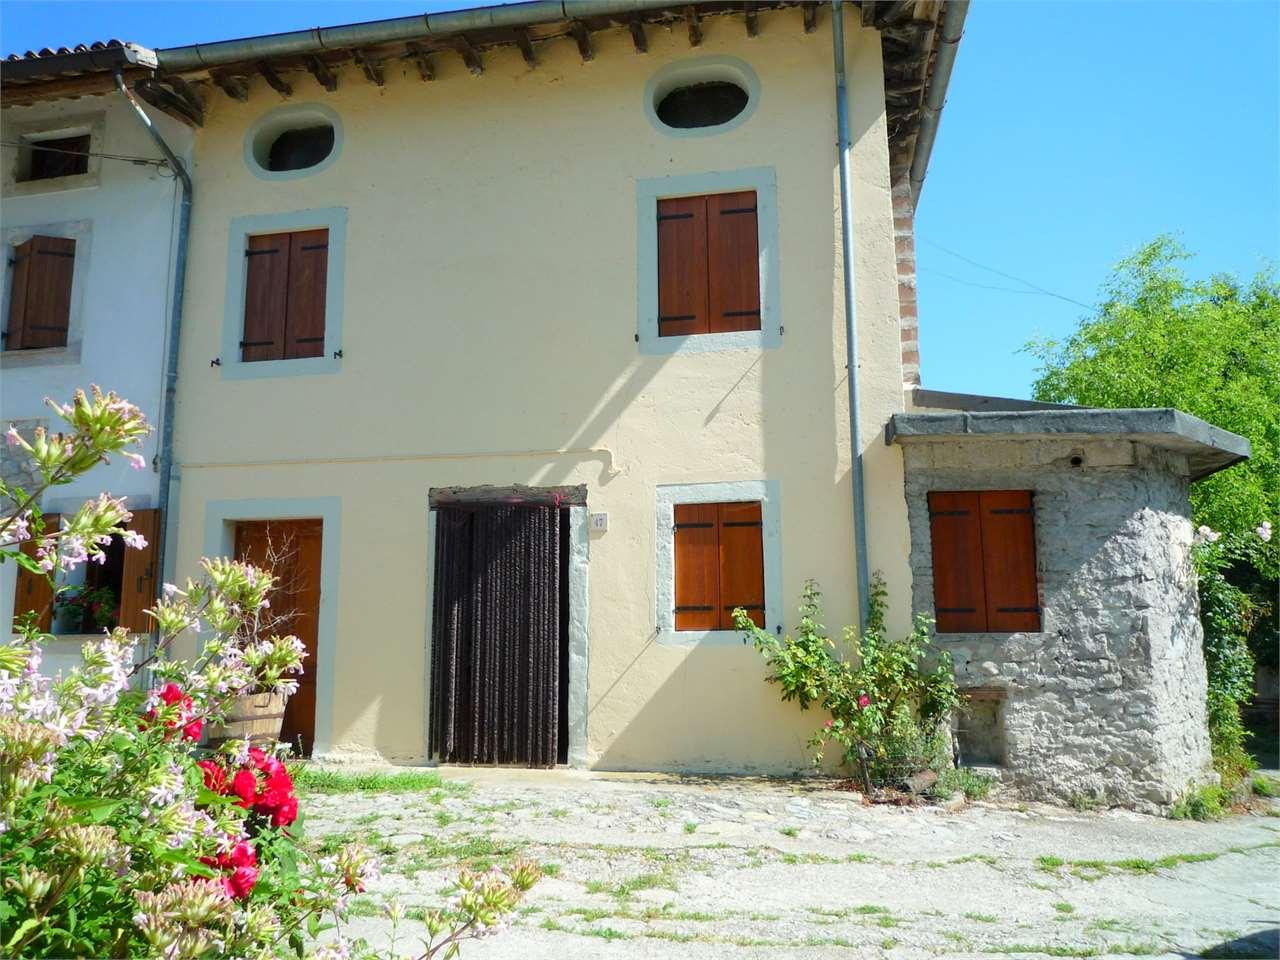 Rustico / Casale in vendita a Vittorio Veneto, 10 locali, prezzo € 139.000 | Cambio Casa.it